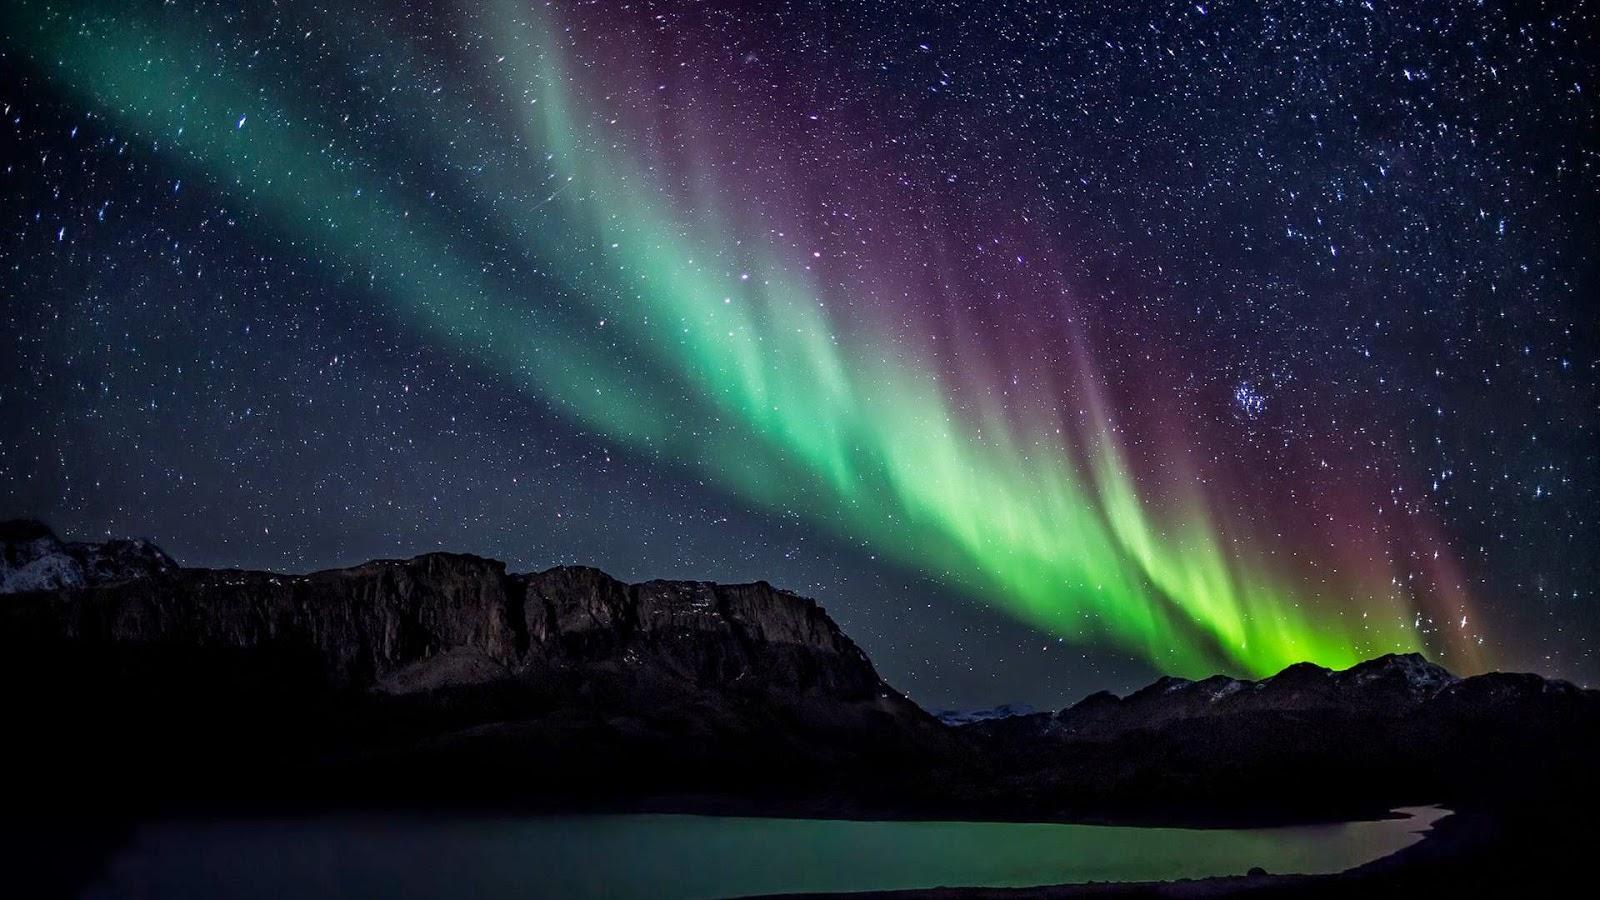 Astronoma 10 grados norte Astronoma para viajeros I 1600x900